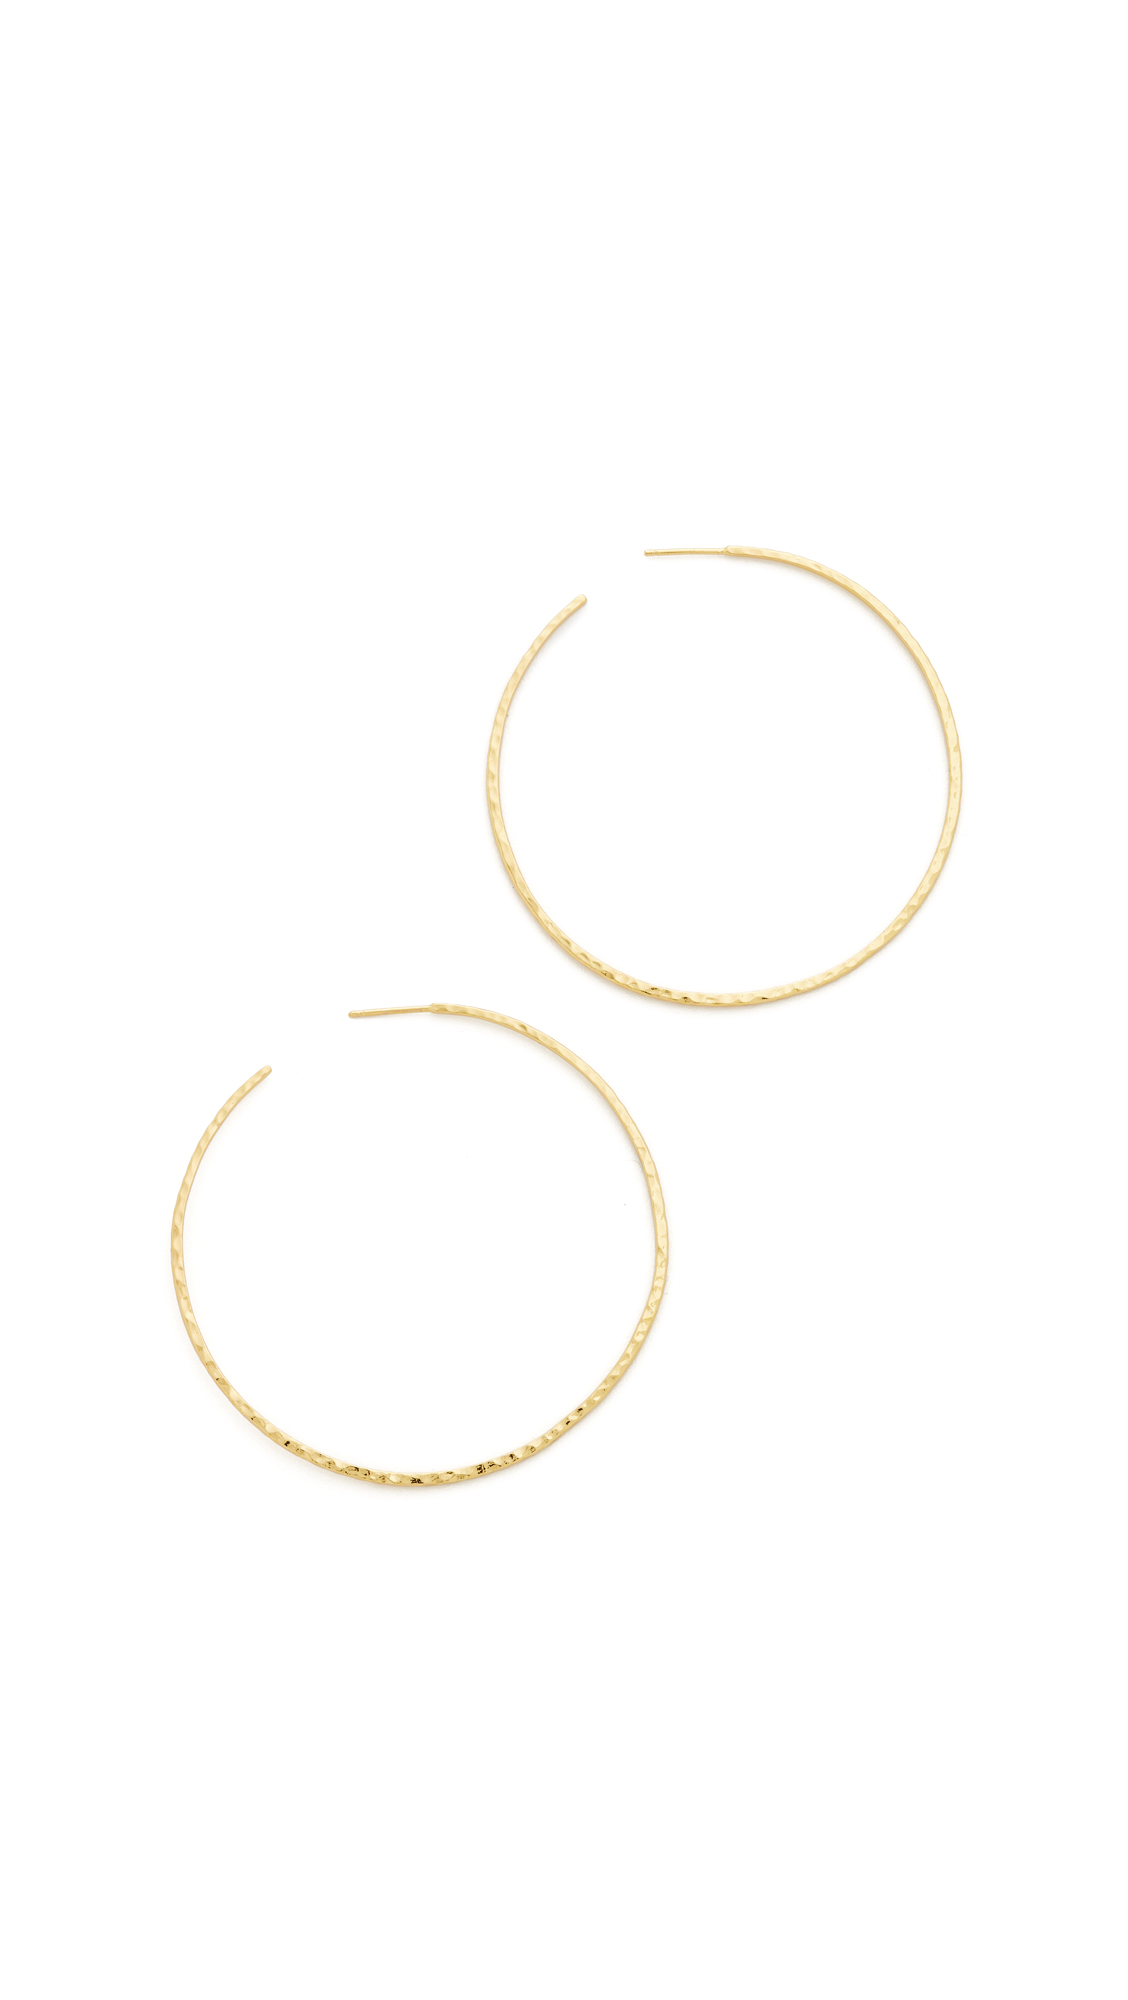 Gorjana Taner XL Hoop Earrings - Gold